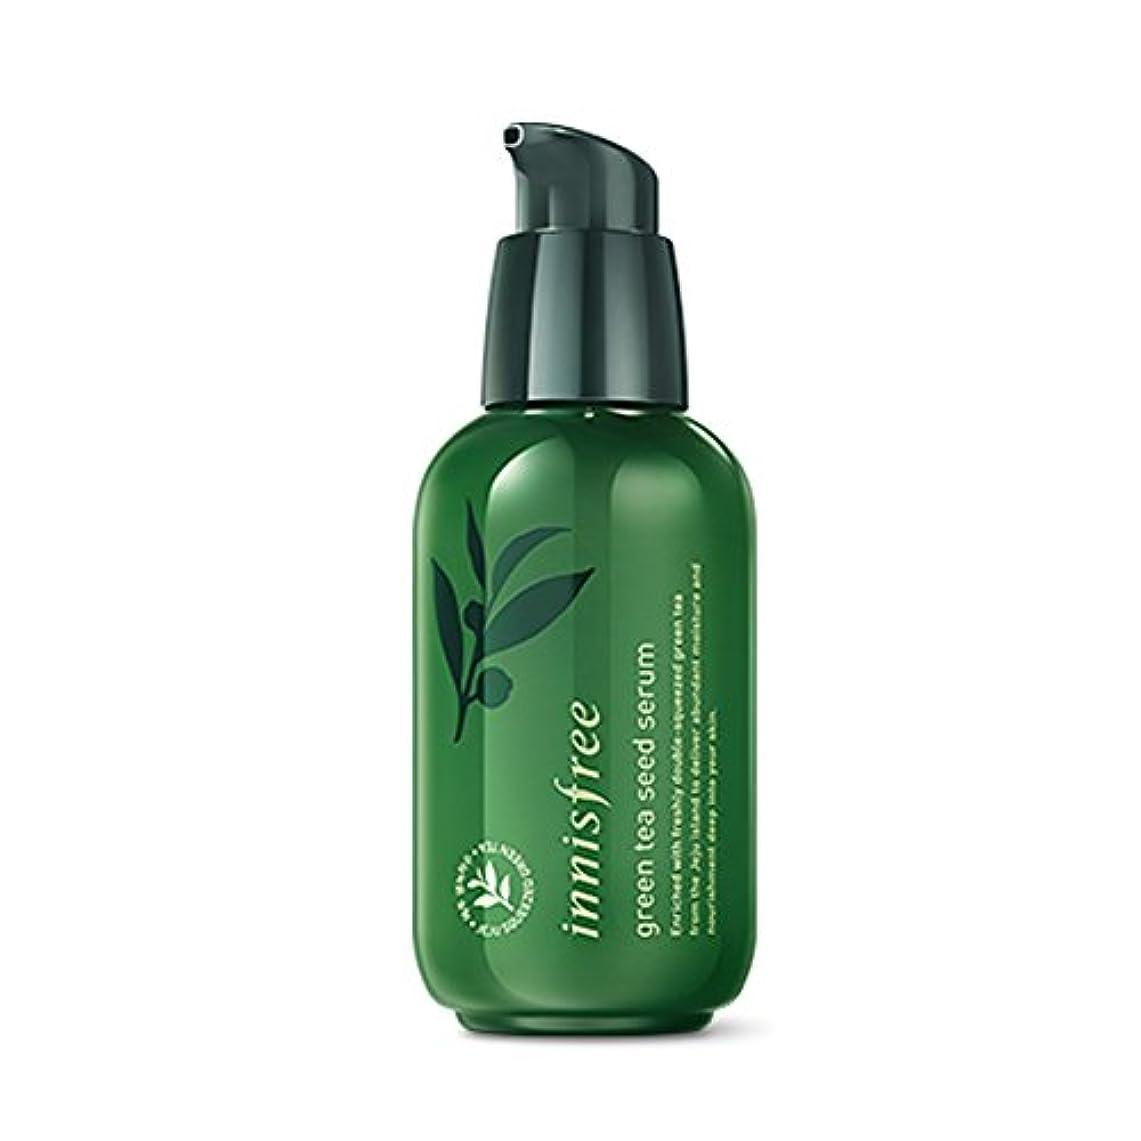 シェフ思いやりのある小石イニスフリーグリーンティーシードセラム80ml「2018新製品」 Innisfree The Green Tea Seed serum 80ml